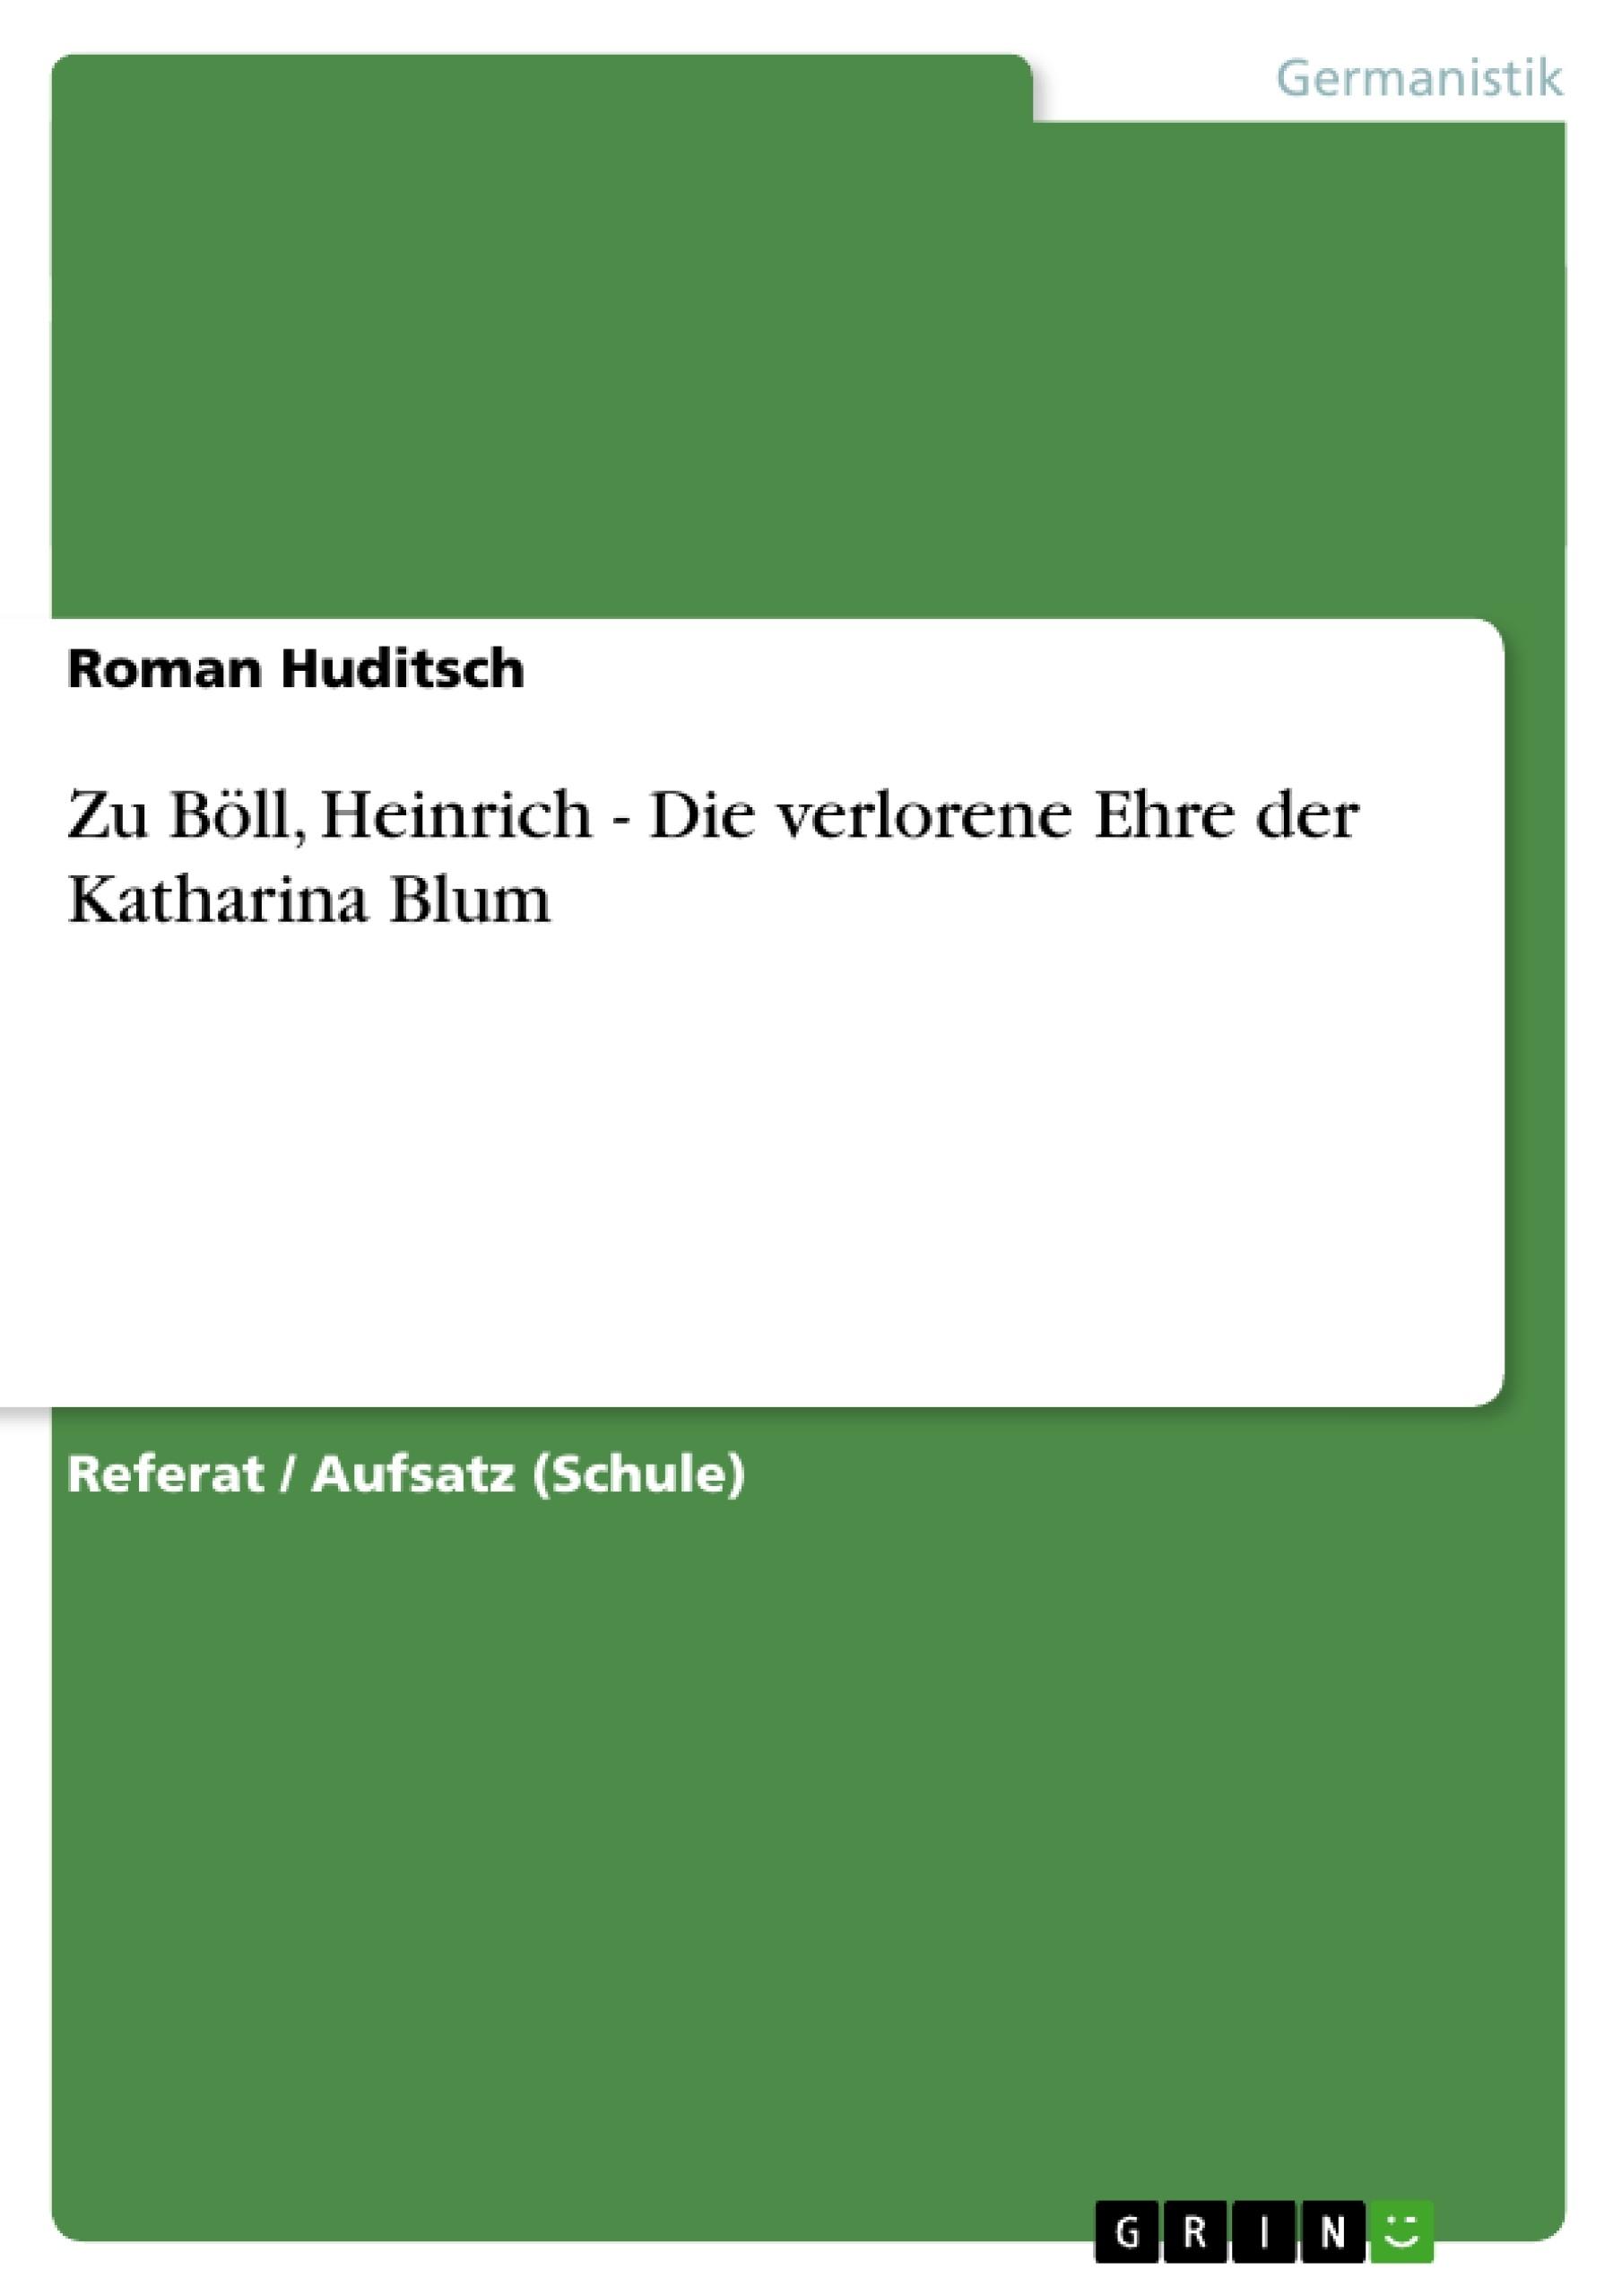 Titel: Zu Böll, Heinrich - Die verlorene Ehre der Katharina Blum